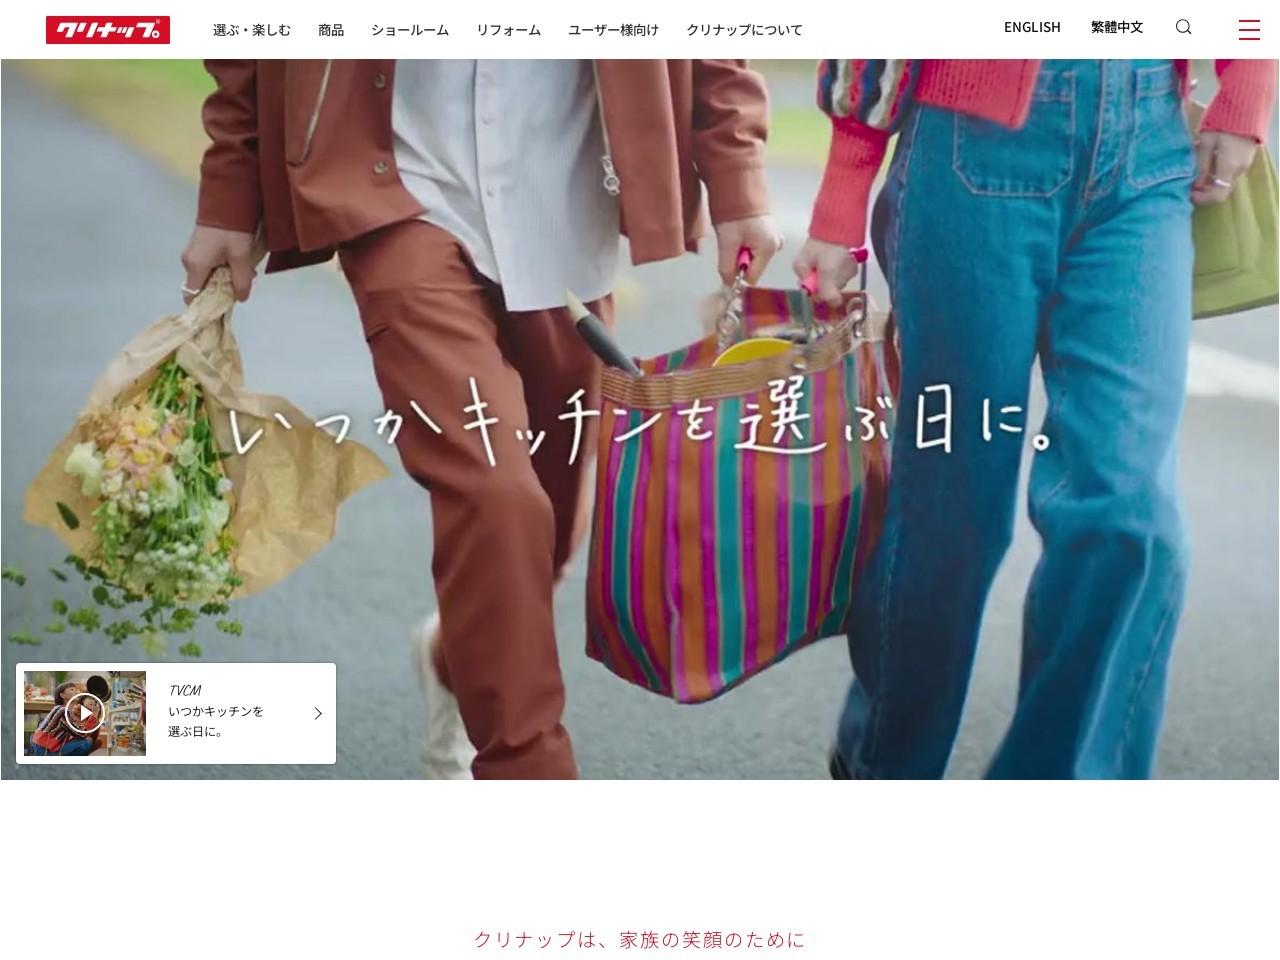 クリナップ株式会社/鳥取ショールーム